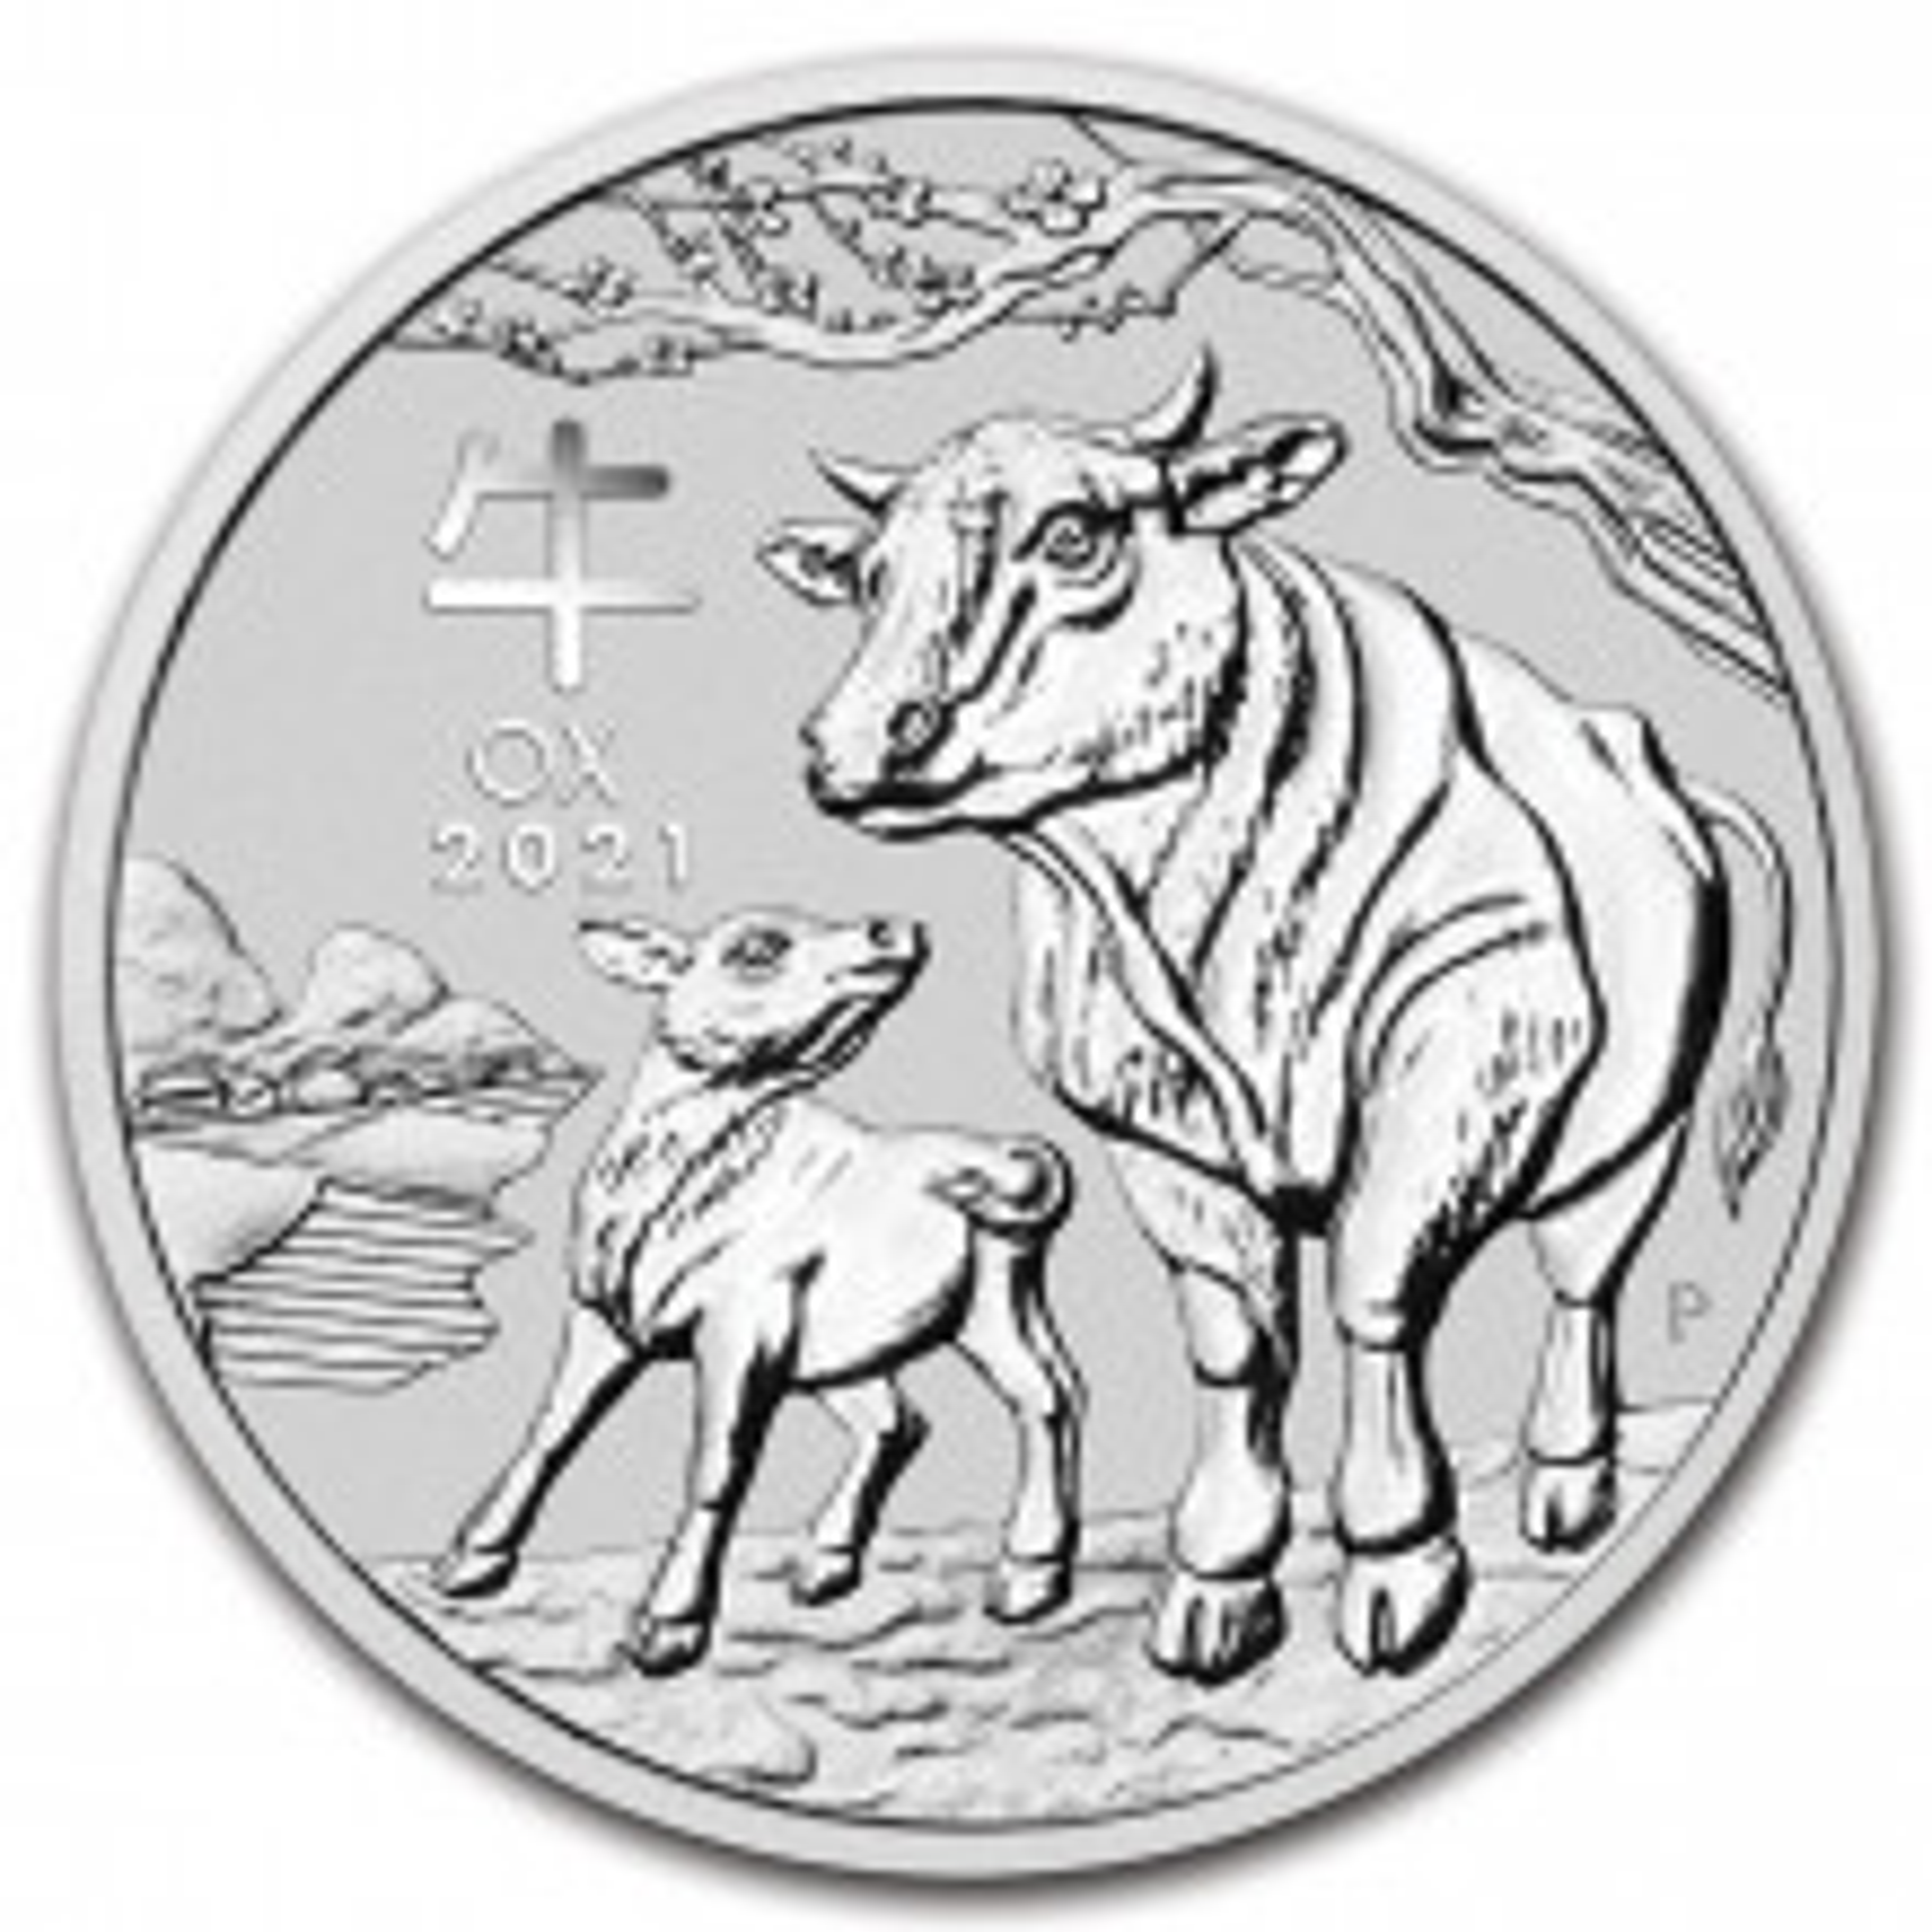 1 troy ounce silver coin Lunar 2021